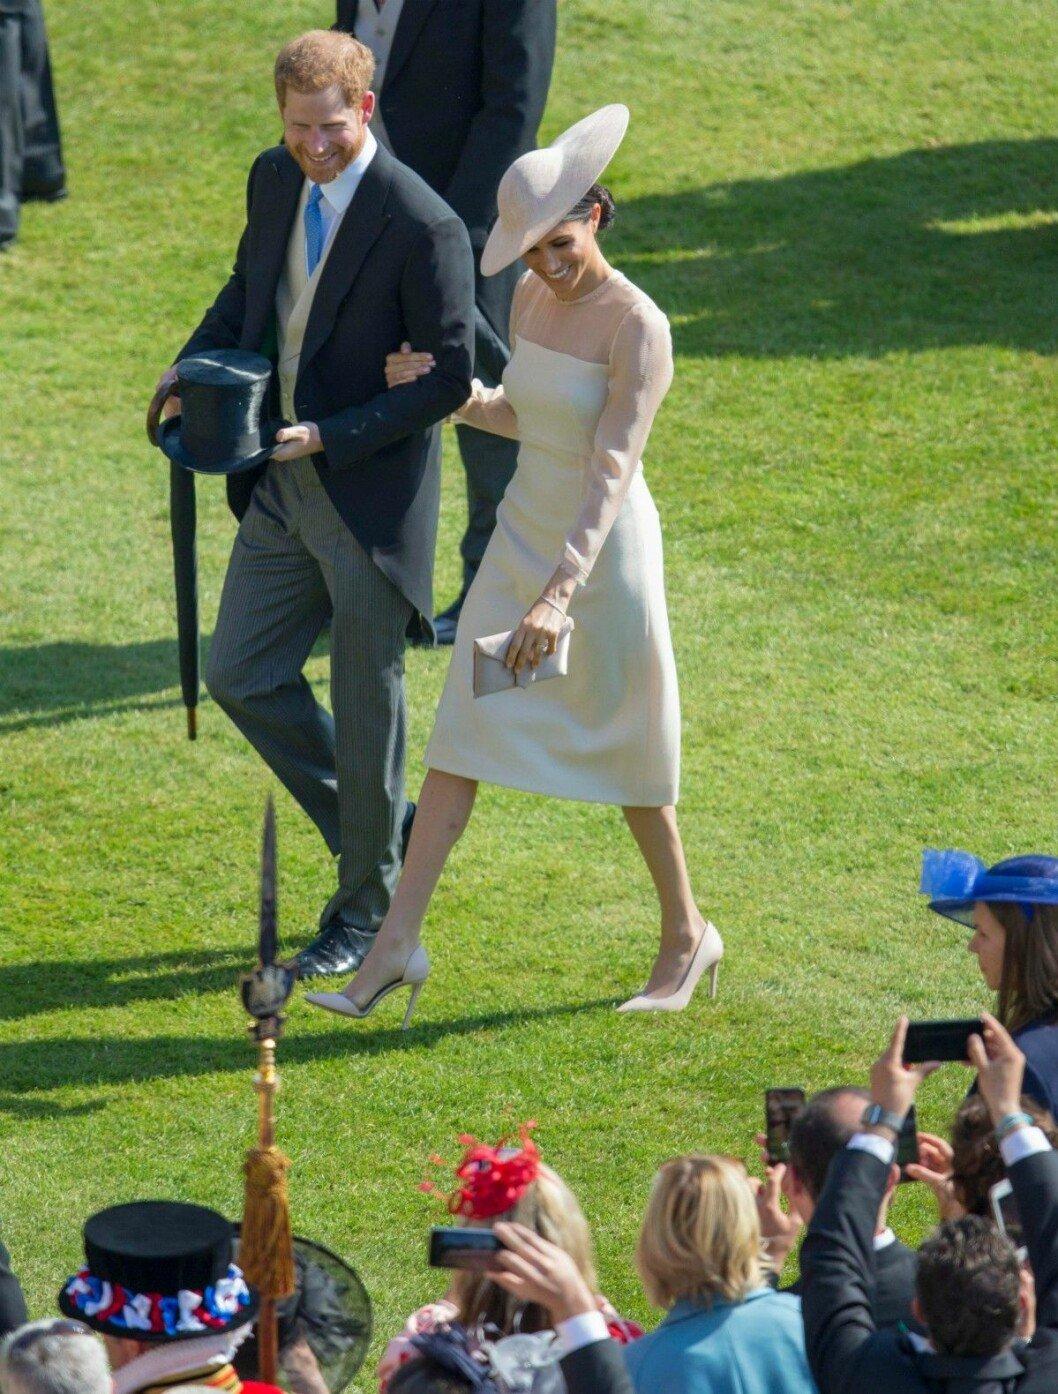 Meghan och prins Harry blir fotograferade av andra gäster under gardenpartyt på Buckingham Palace.